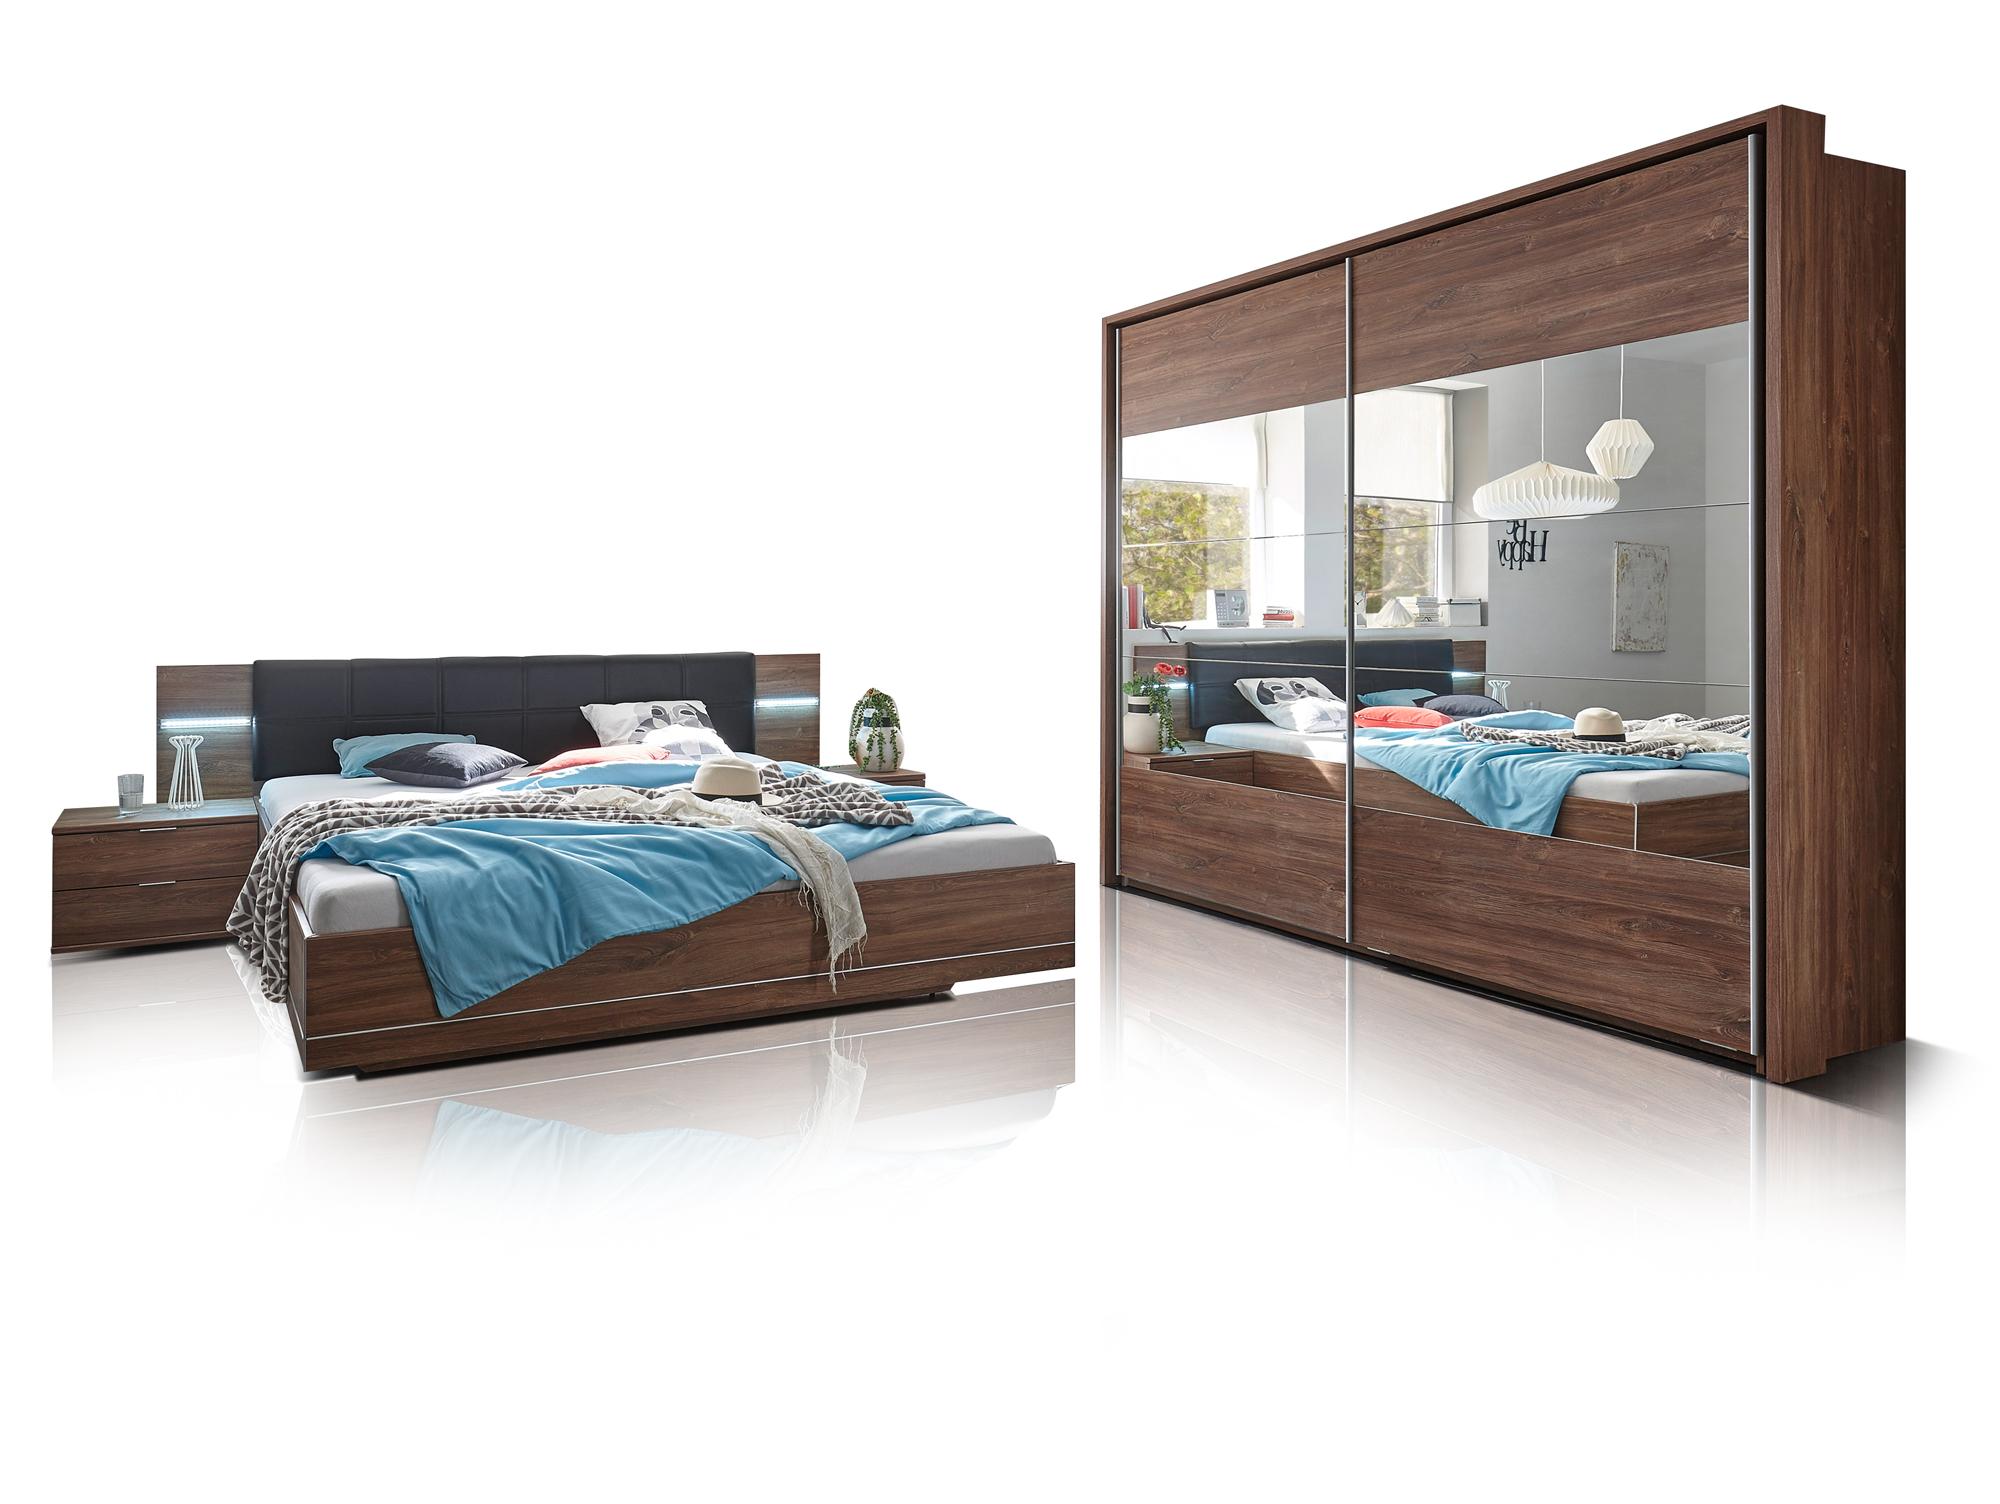 samantha komplett schlafzimmer akazie. Black Bedroom Furniture Sets. Home Design Ideas